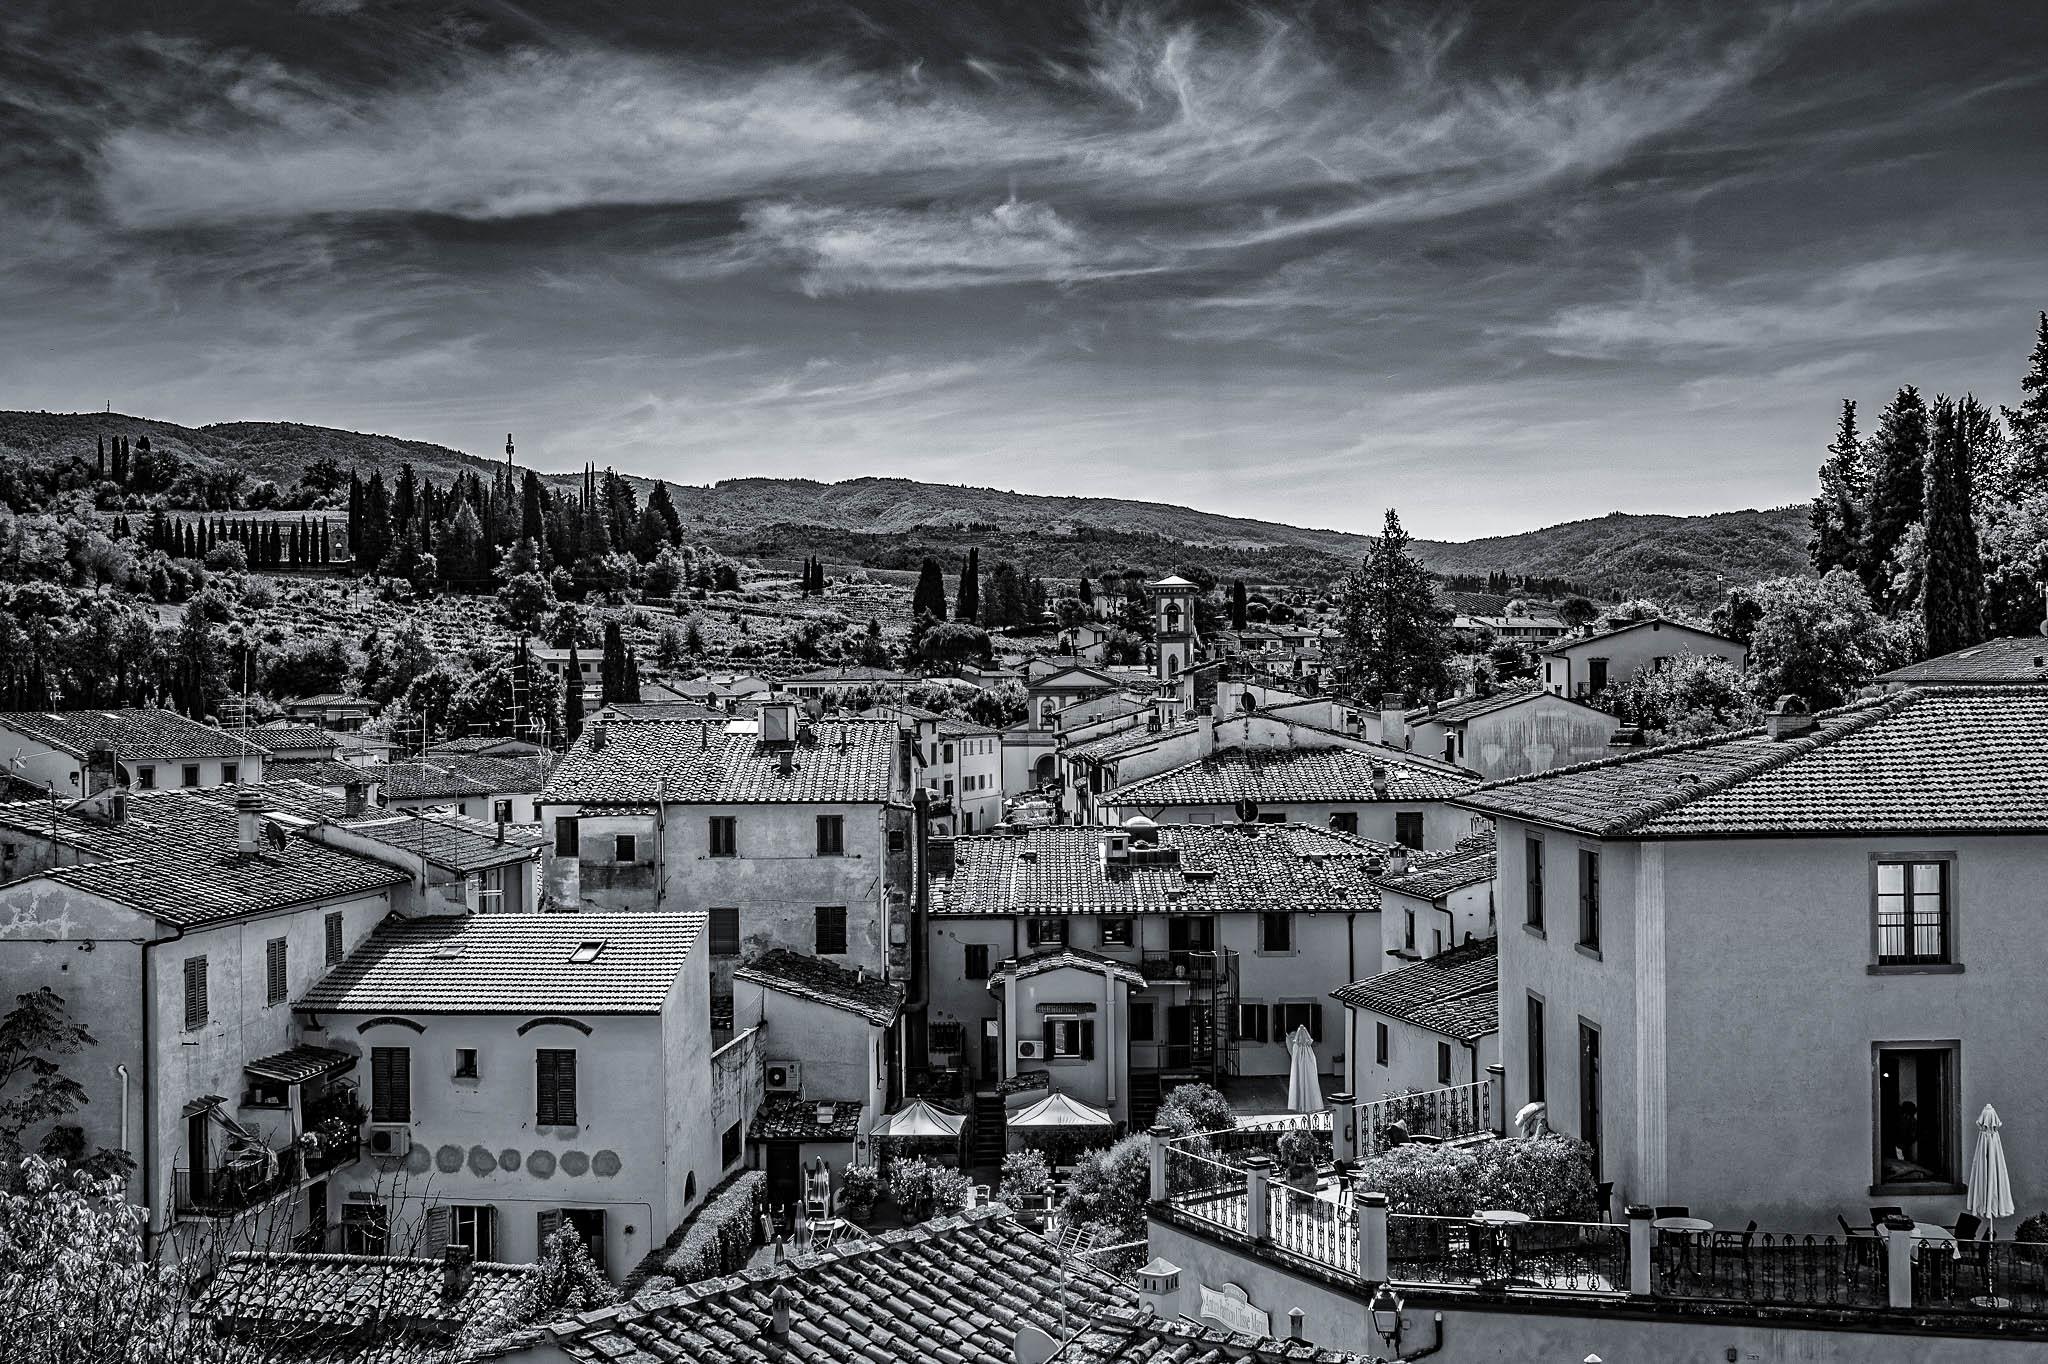 Città del vino, Italy